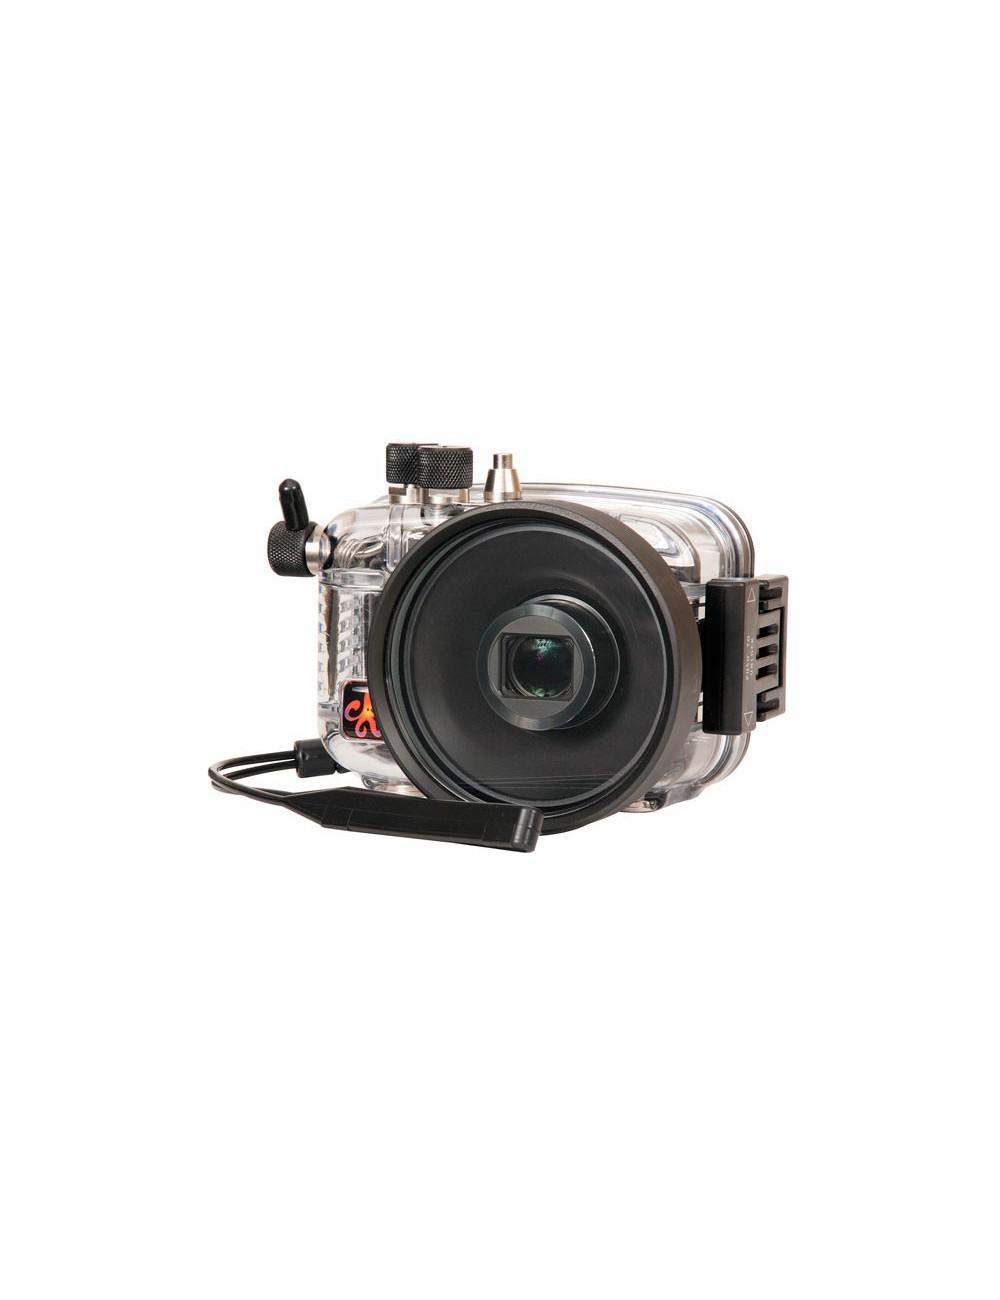 Carcasa Para Sony Hx5v Y H55 187 Comprar Online